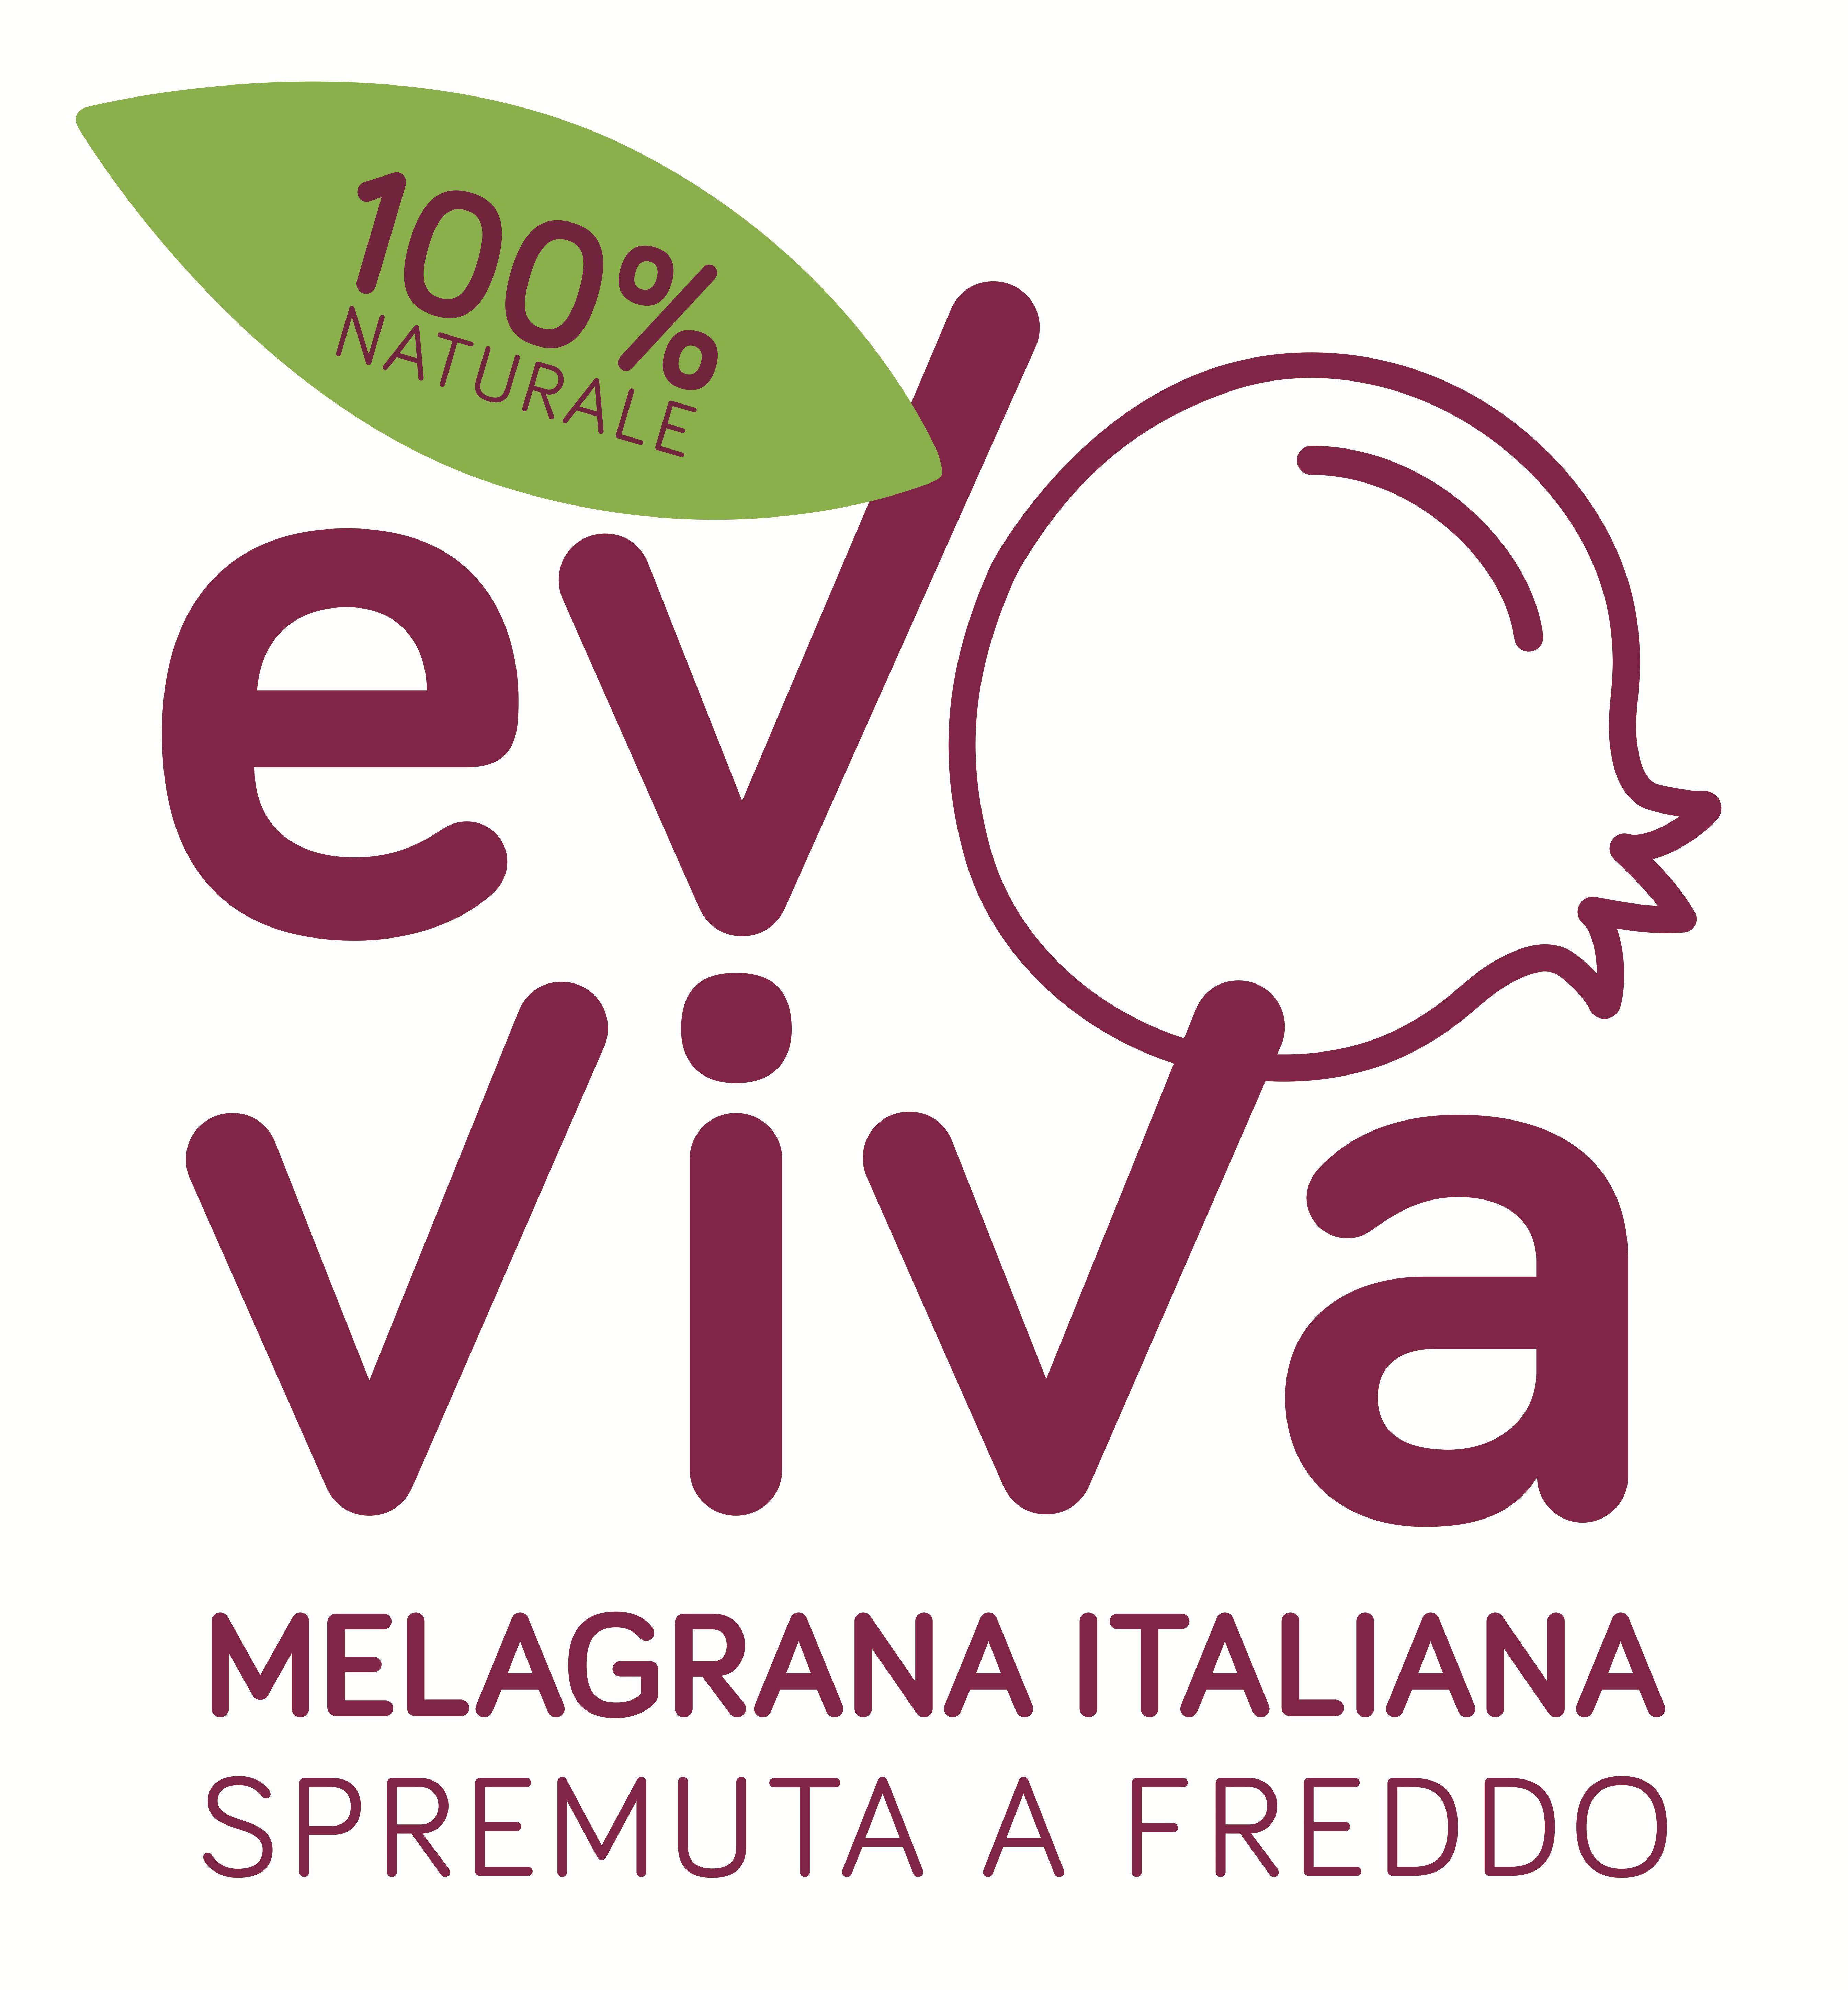 Marchio Evviva_LD2